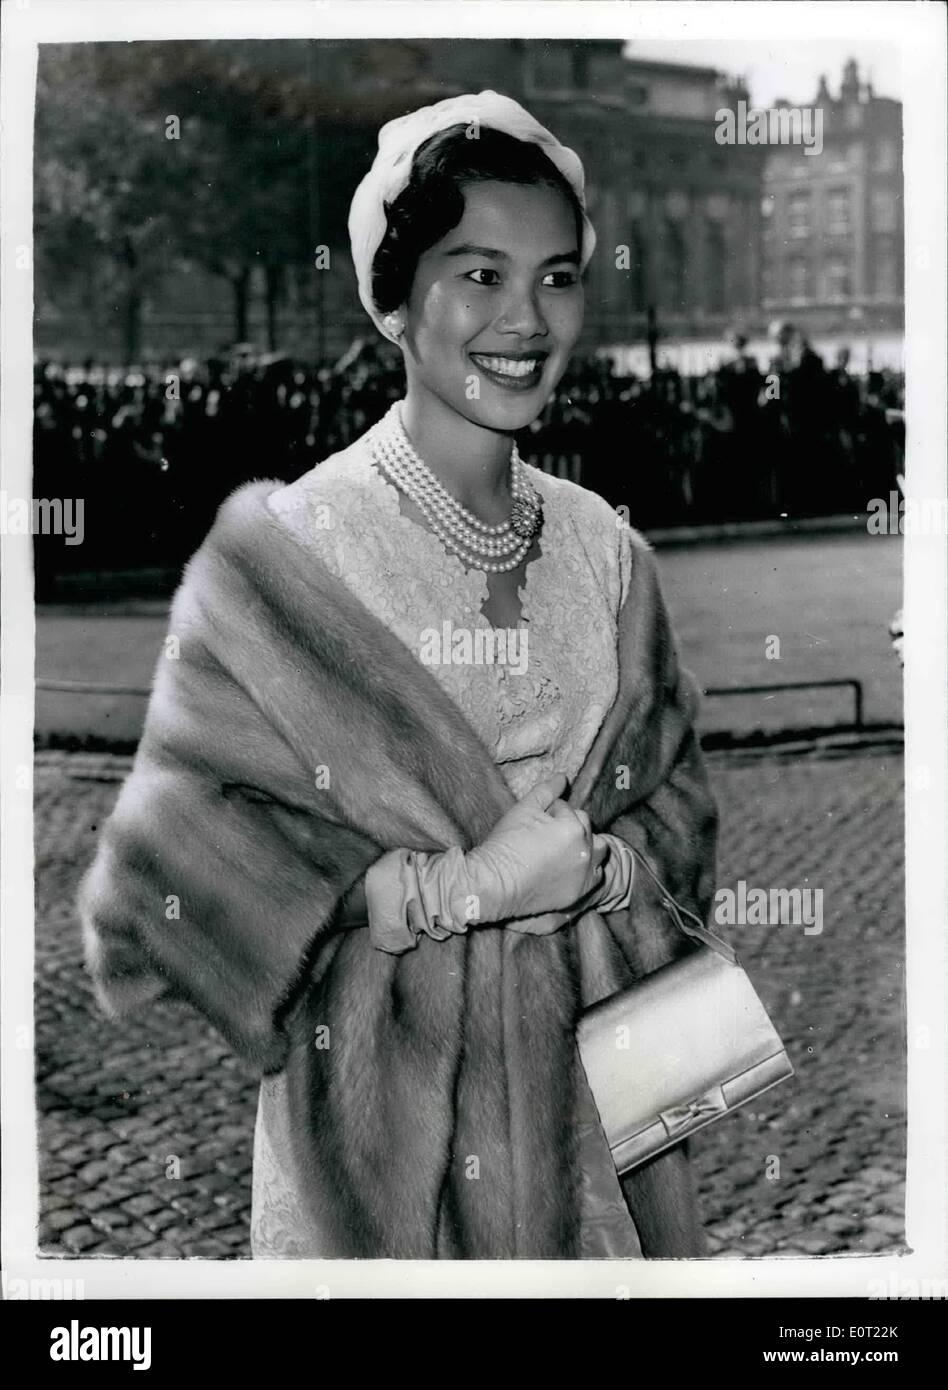 Tot königin sirikit Langjährige thailändische